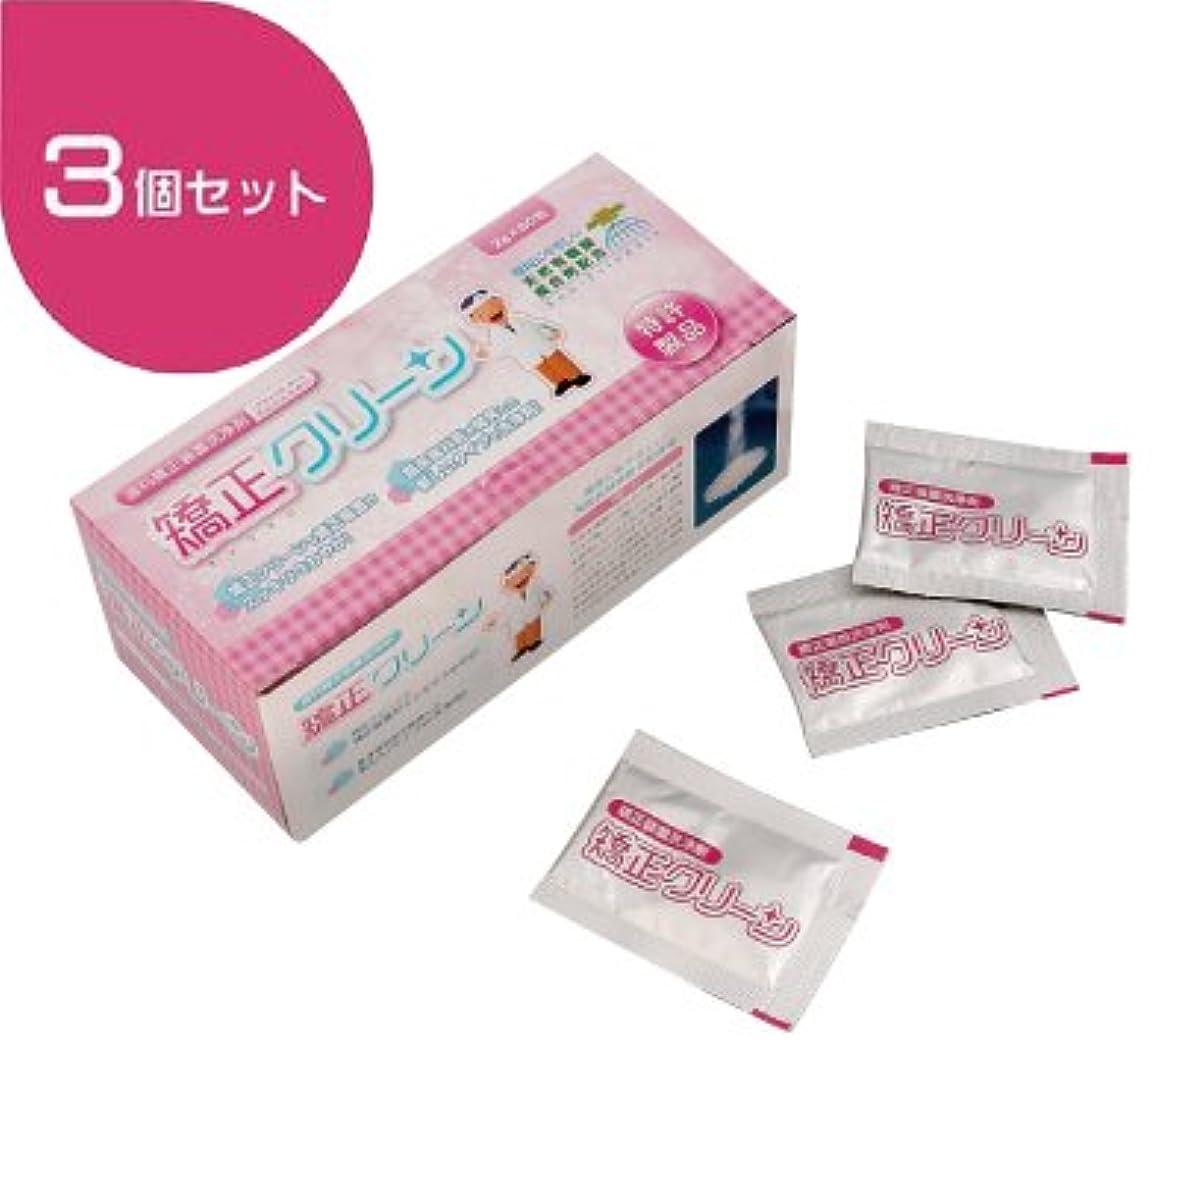 化粧浸漬配偶者矯正クリーン 1箱(2g×60包入り) × 3個 歯科矯正装置用洗浄剤